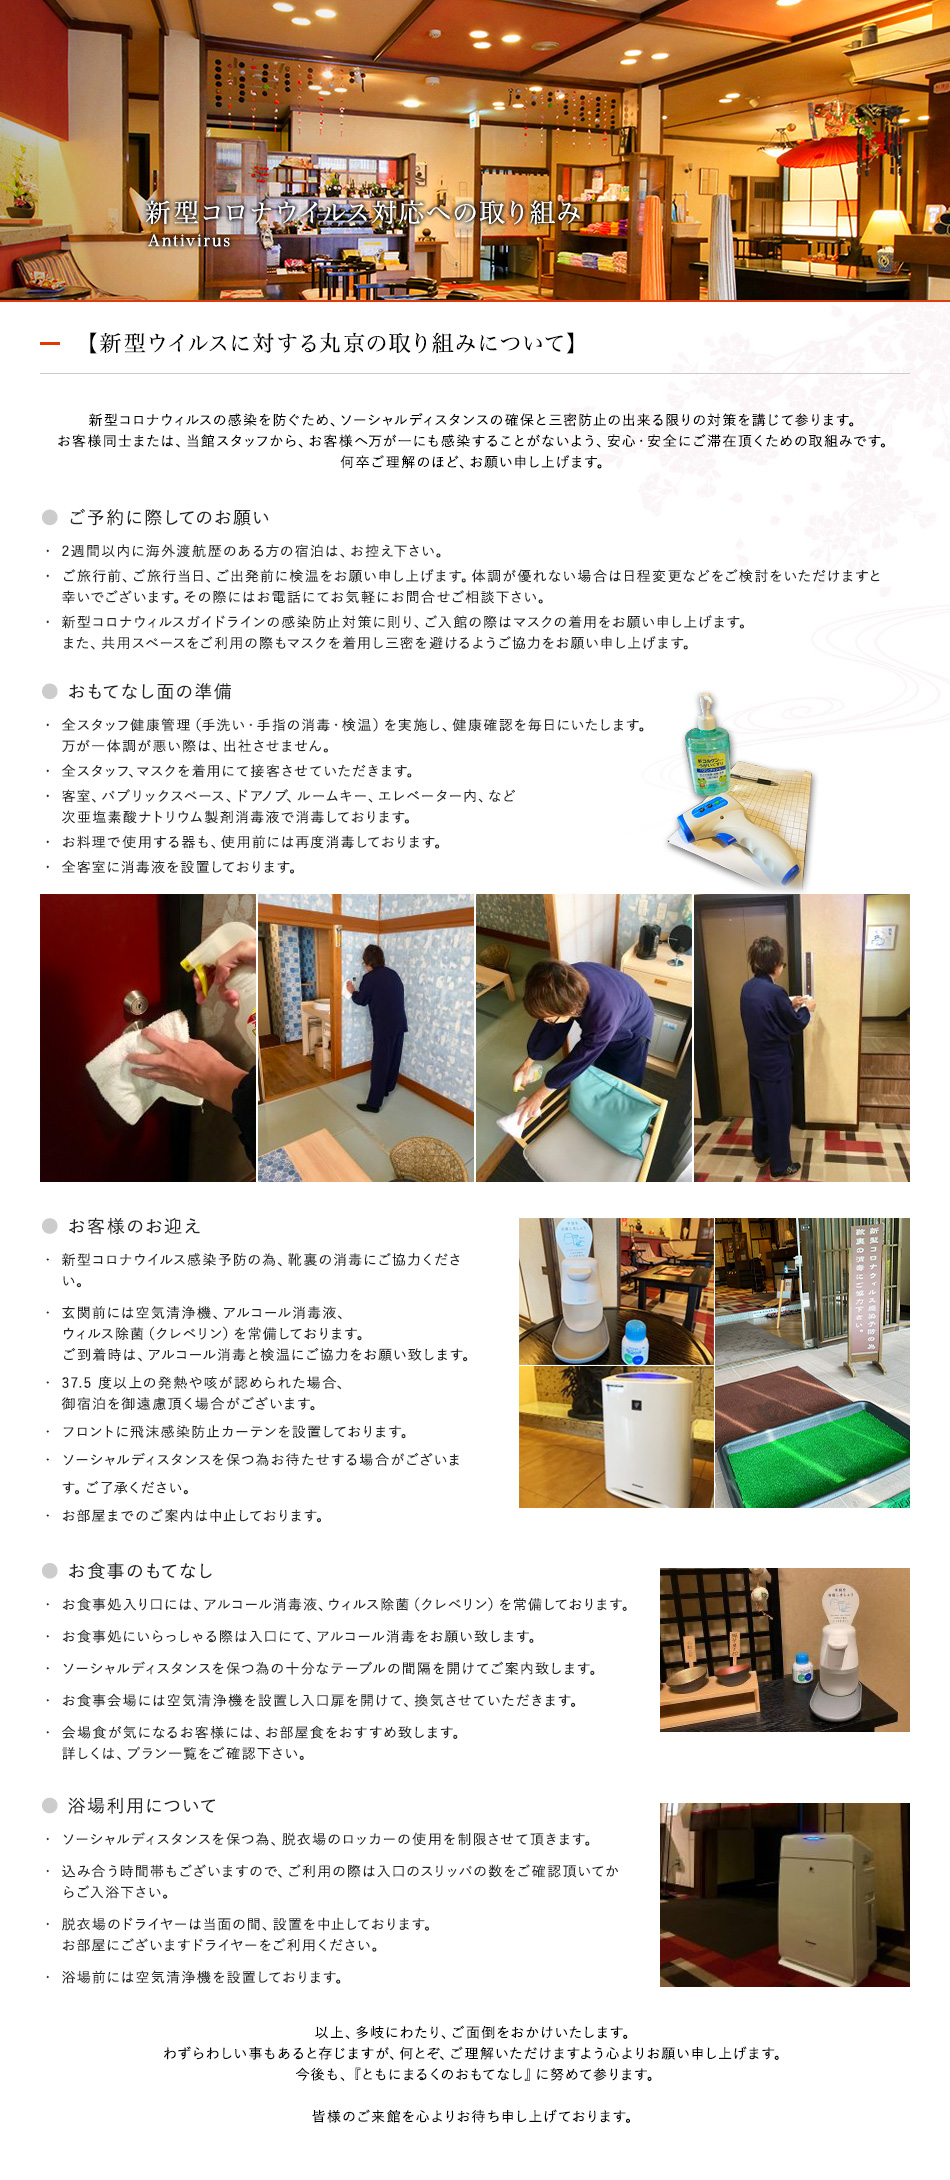 新型コロナウイルス対応への取り組み